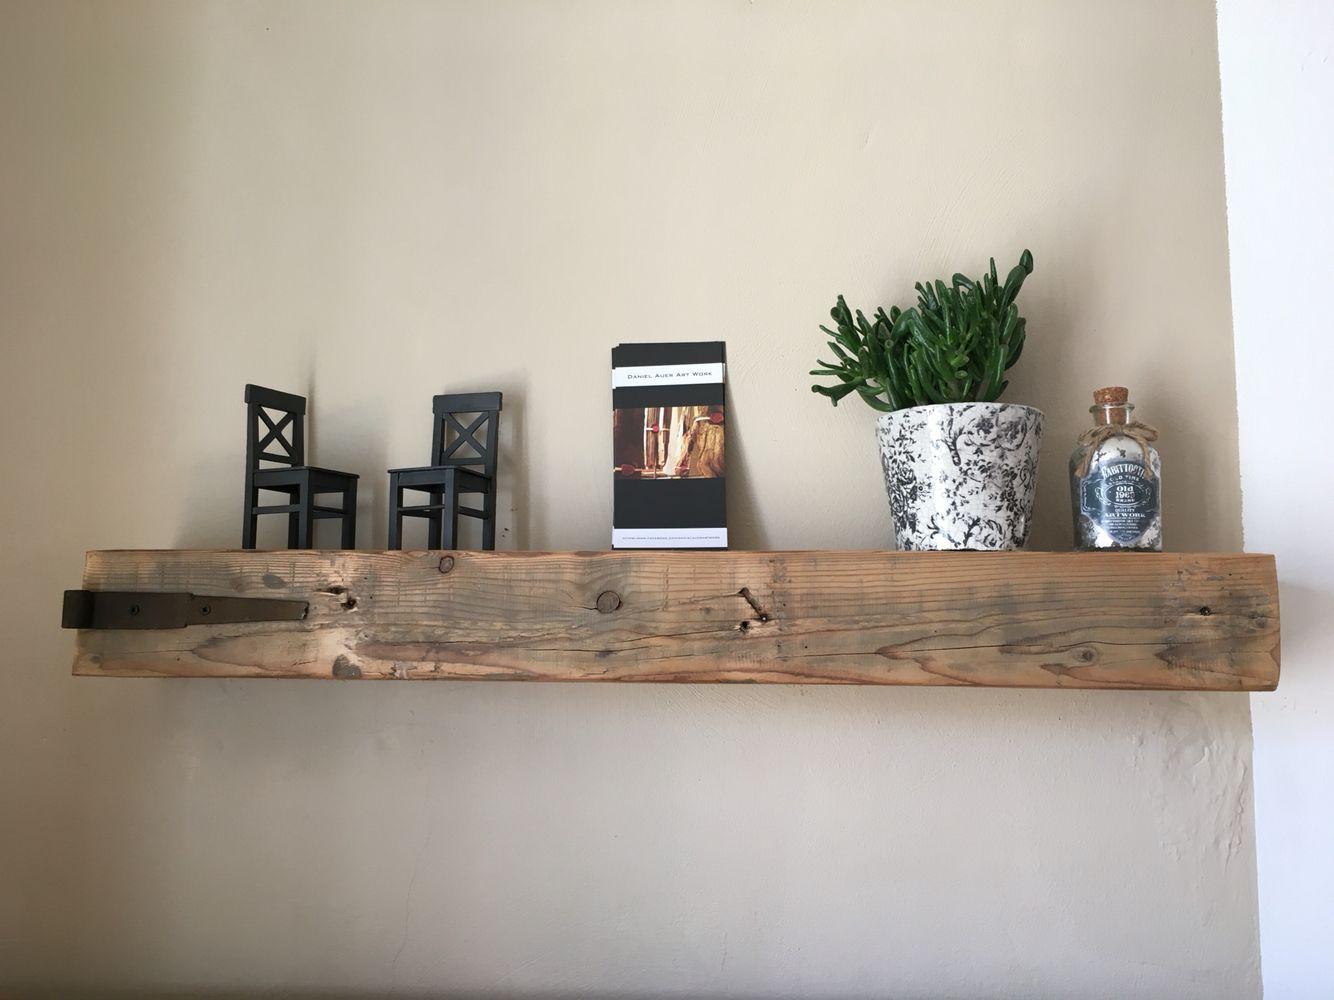 Wohnzimmer holz ~ Regal wandbord wohnzimmer holz design daniel auer art